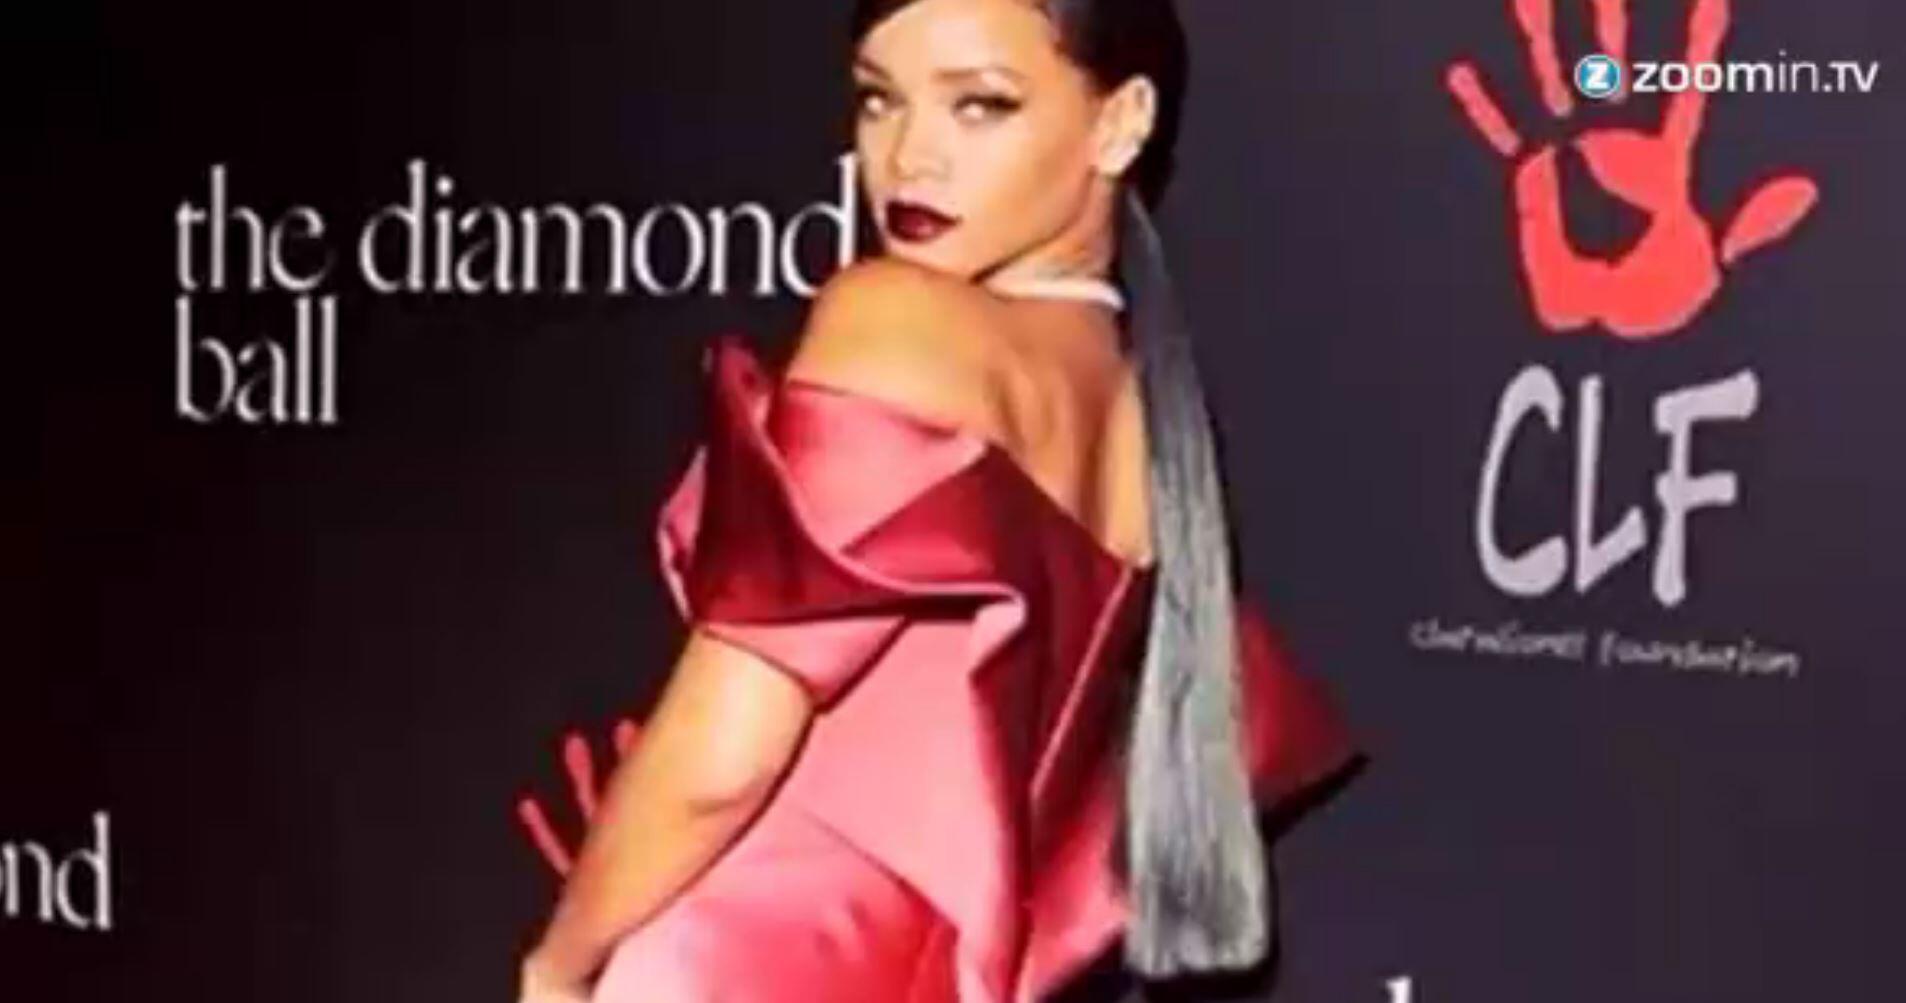 Bild zu Leonardo Dicaprio und Rihanna knutschend gesichtet